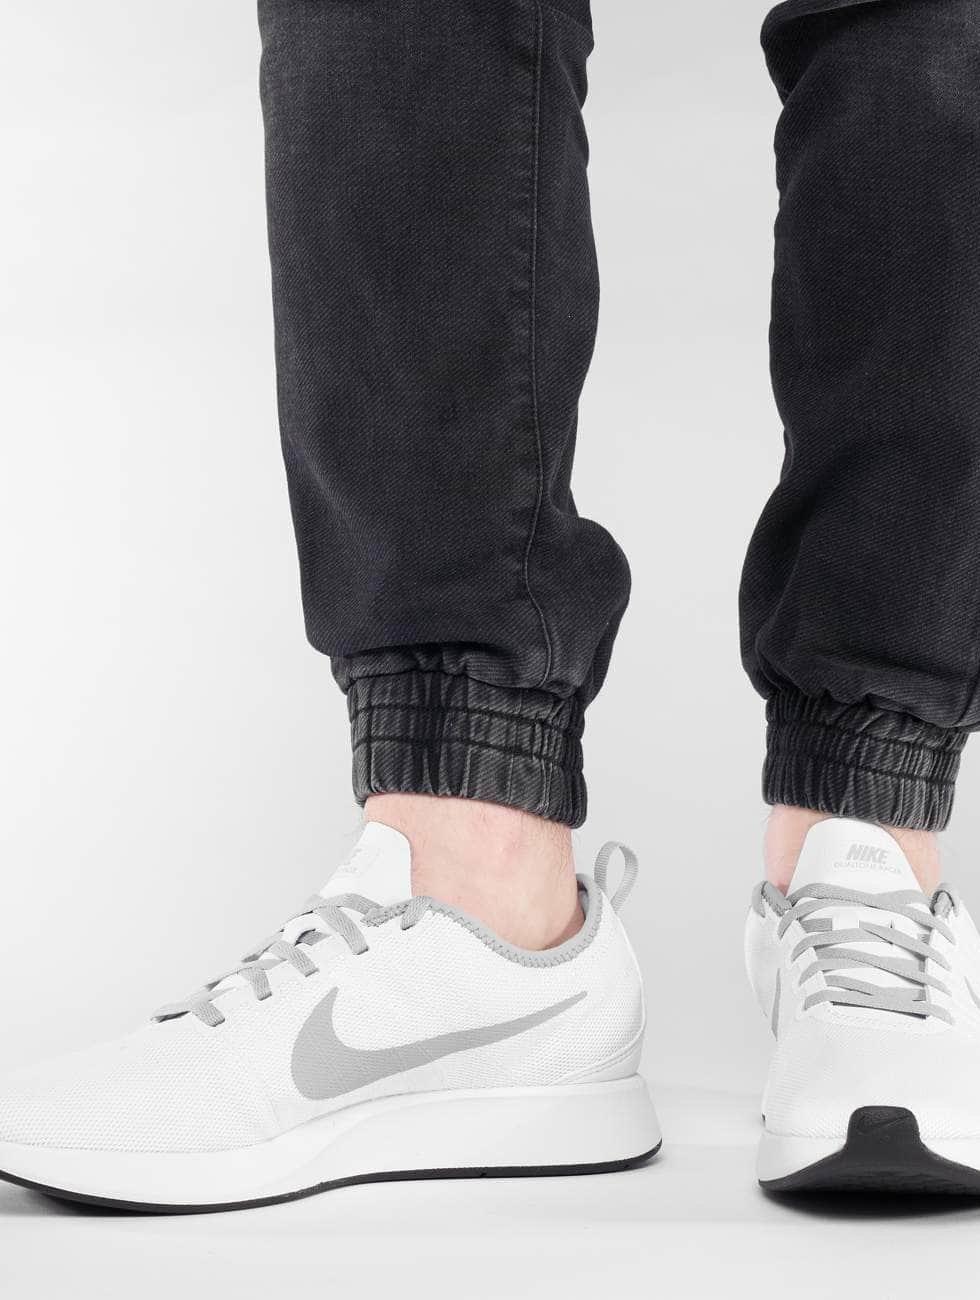 Nike schoen / sneaker Dualtone Racer in wit 442647 Grote Korting Alle Maten Korting Van De Ontruiming Gratis Verzending Grote Verkoop uas0V